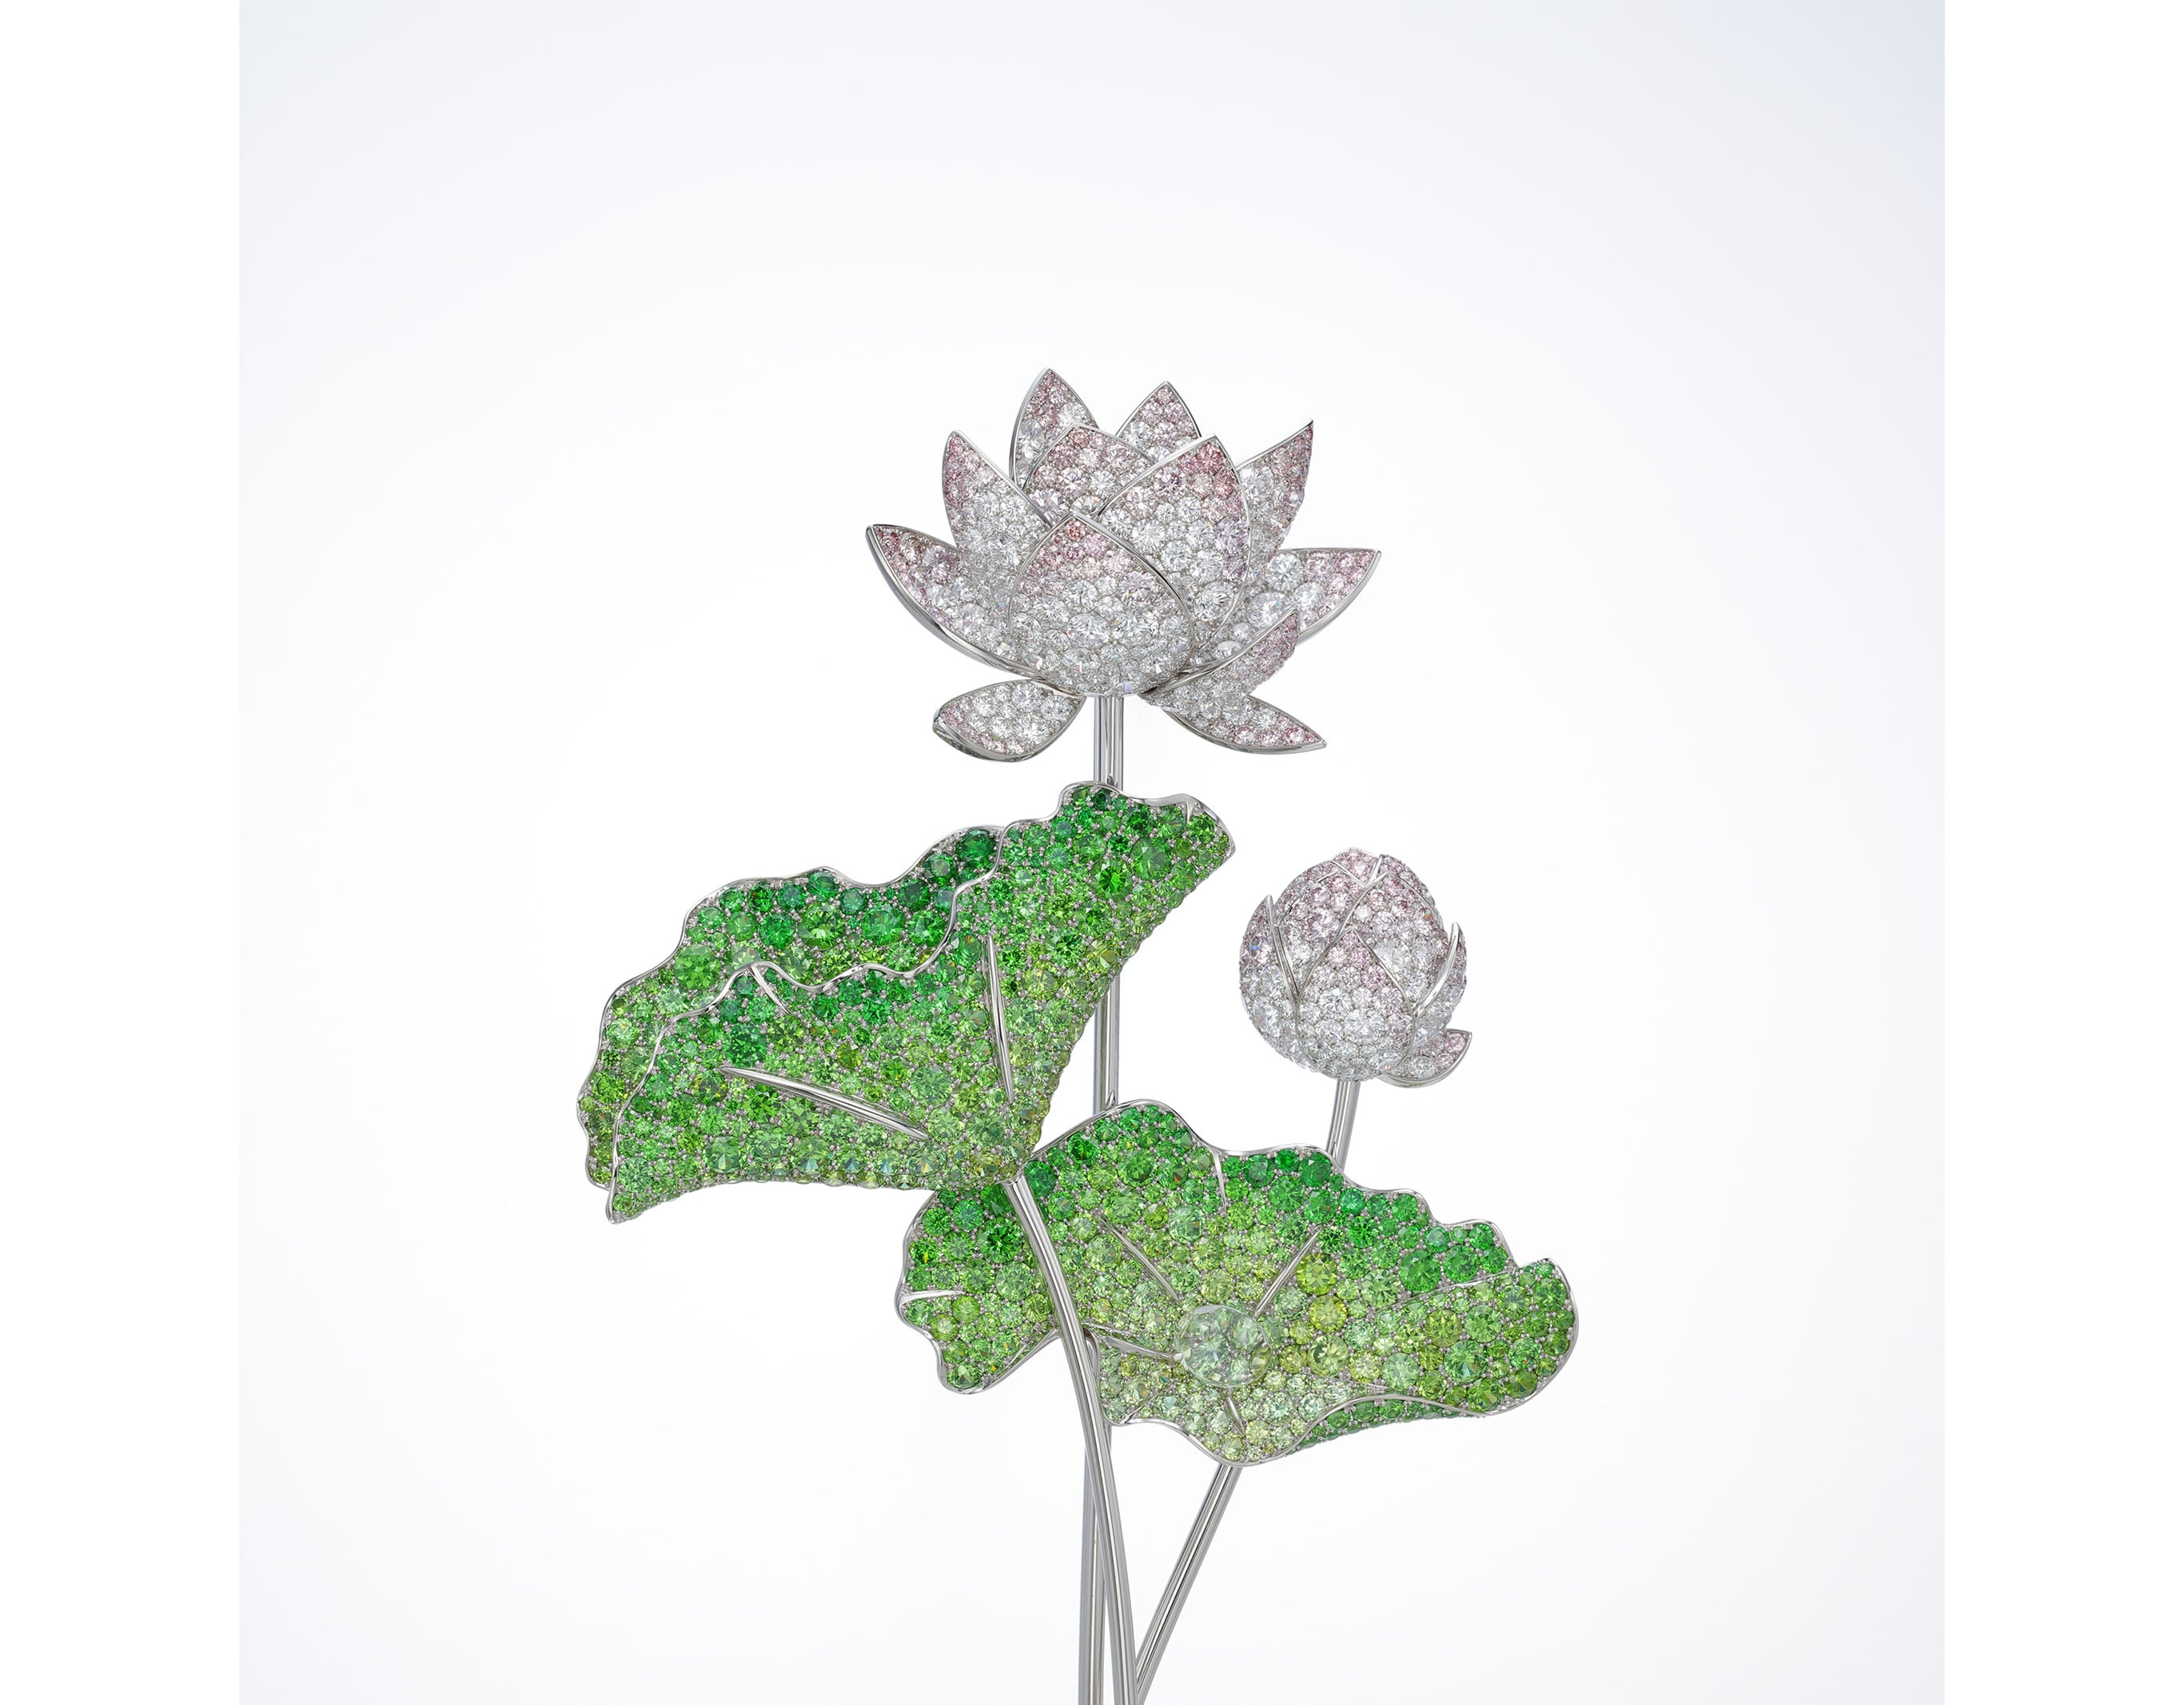 密镶胸针《莲》,展现了Gimel的精髓。以Gimel标志性的大自然为主题,将西方珠宝装饰的密镶技法和东方气质完美地结合在一起。胸针。Pt950铂金、18K黄金、粉钻、无色透明钻、翠榴石、蓝宝石、尖晶石、绿柱石。非卖品